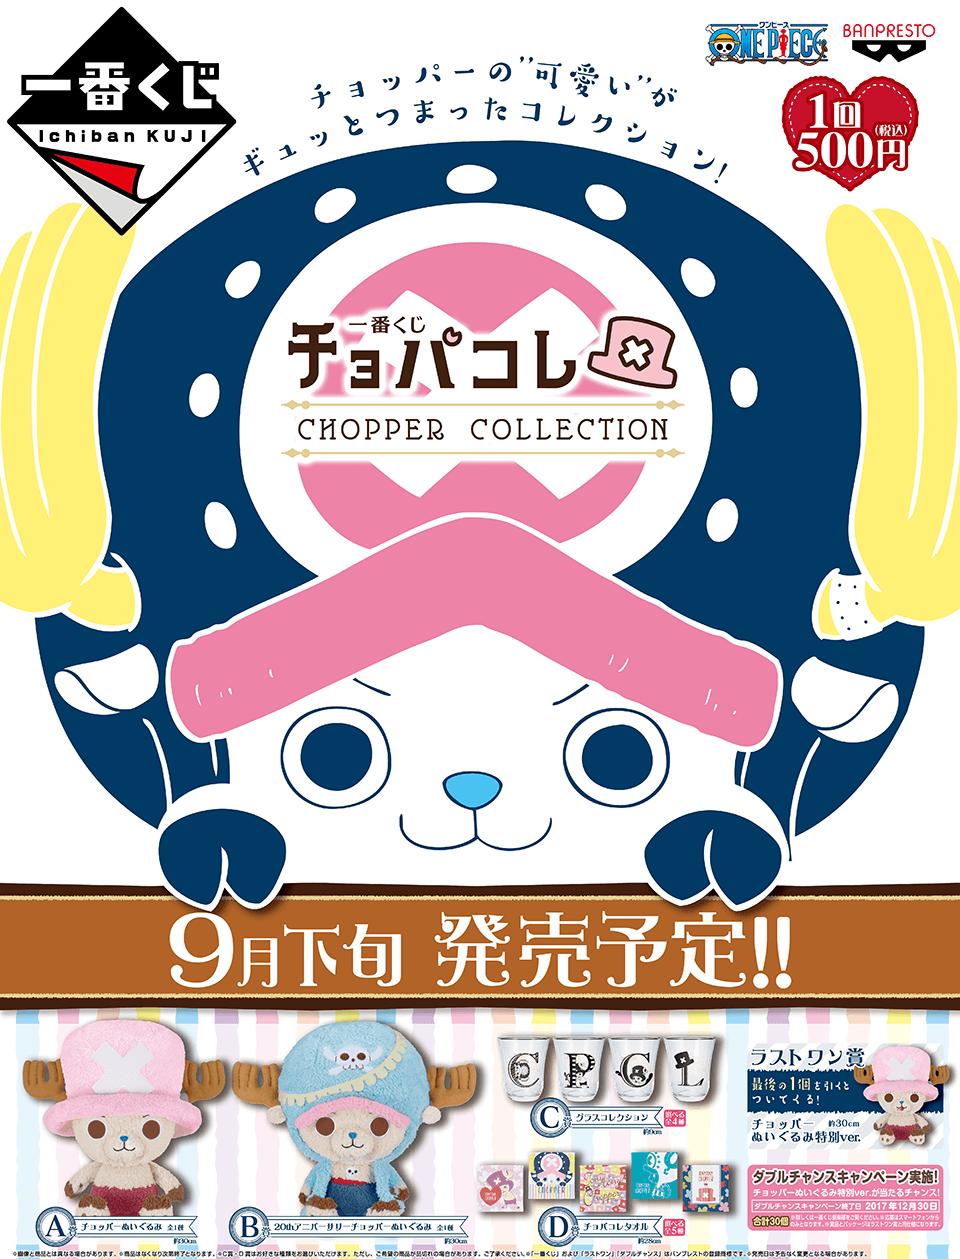 タイトーステーションで買える! 一番くじ チョパコレ CHOPPER COLLECTIONが9月下旬発売予定!